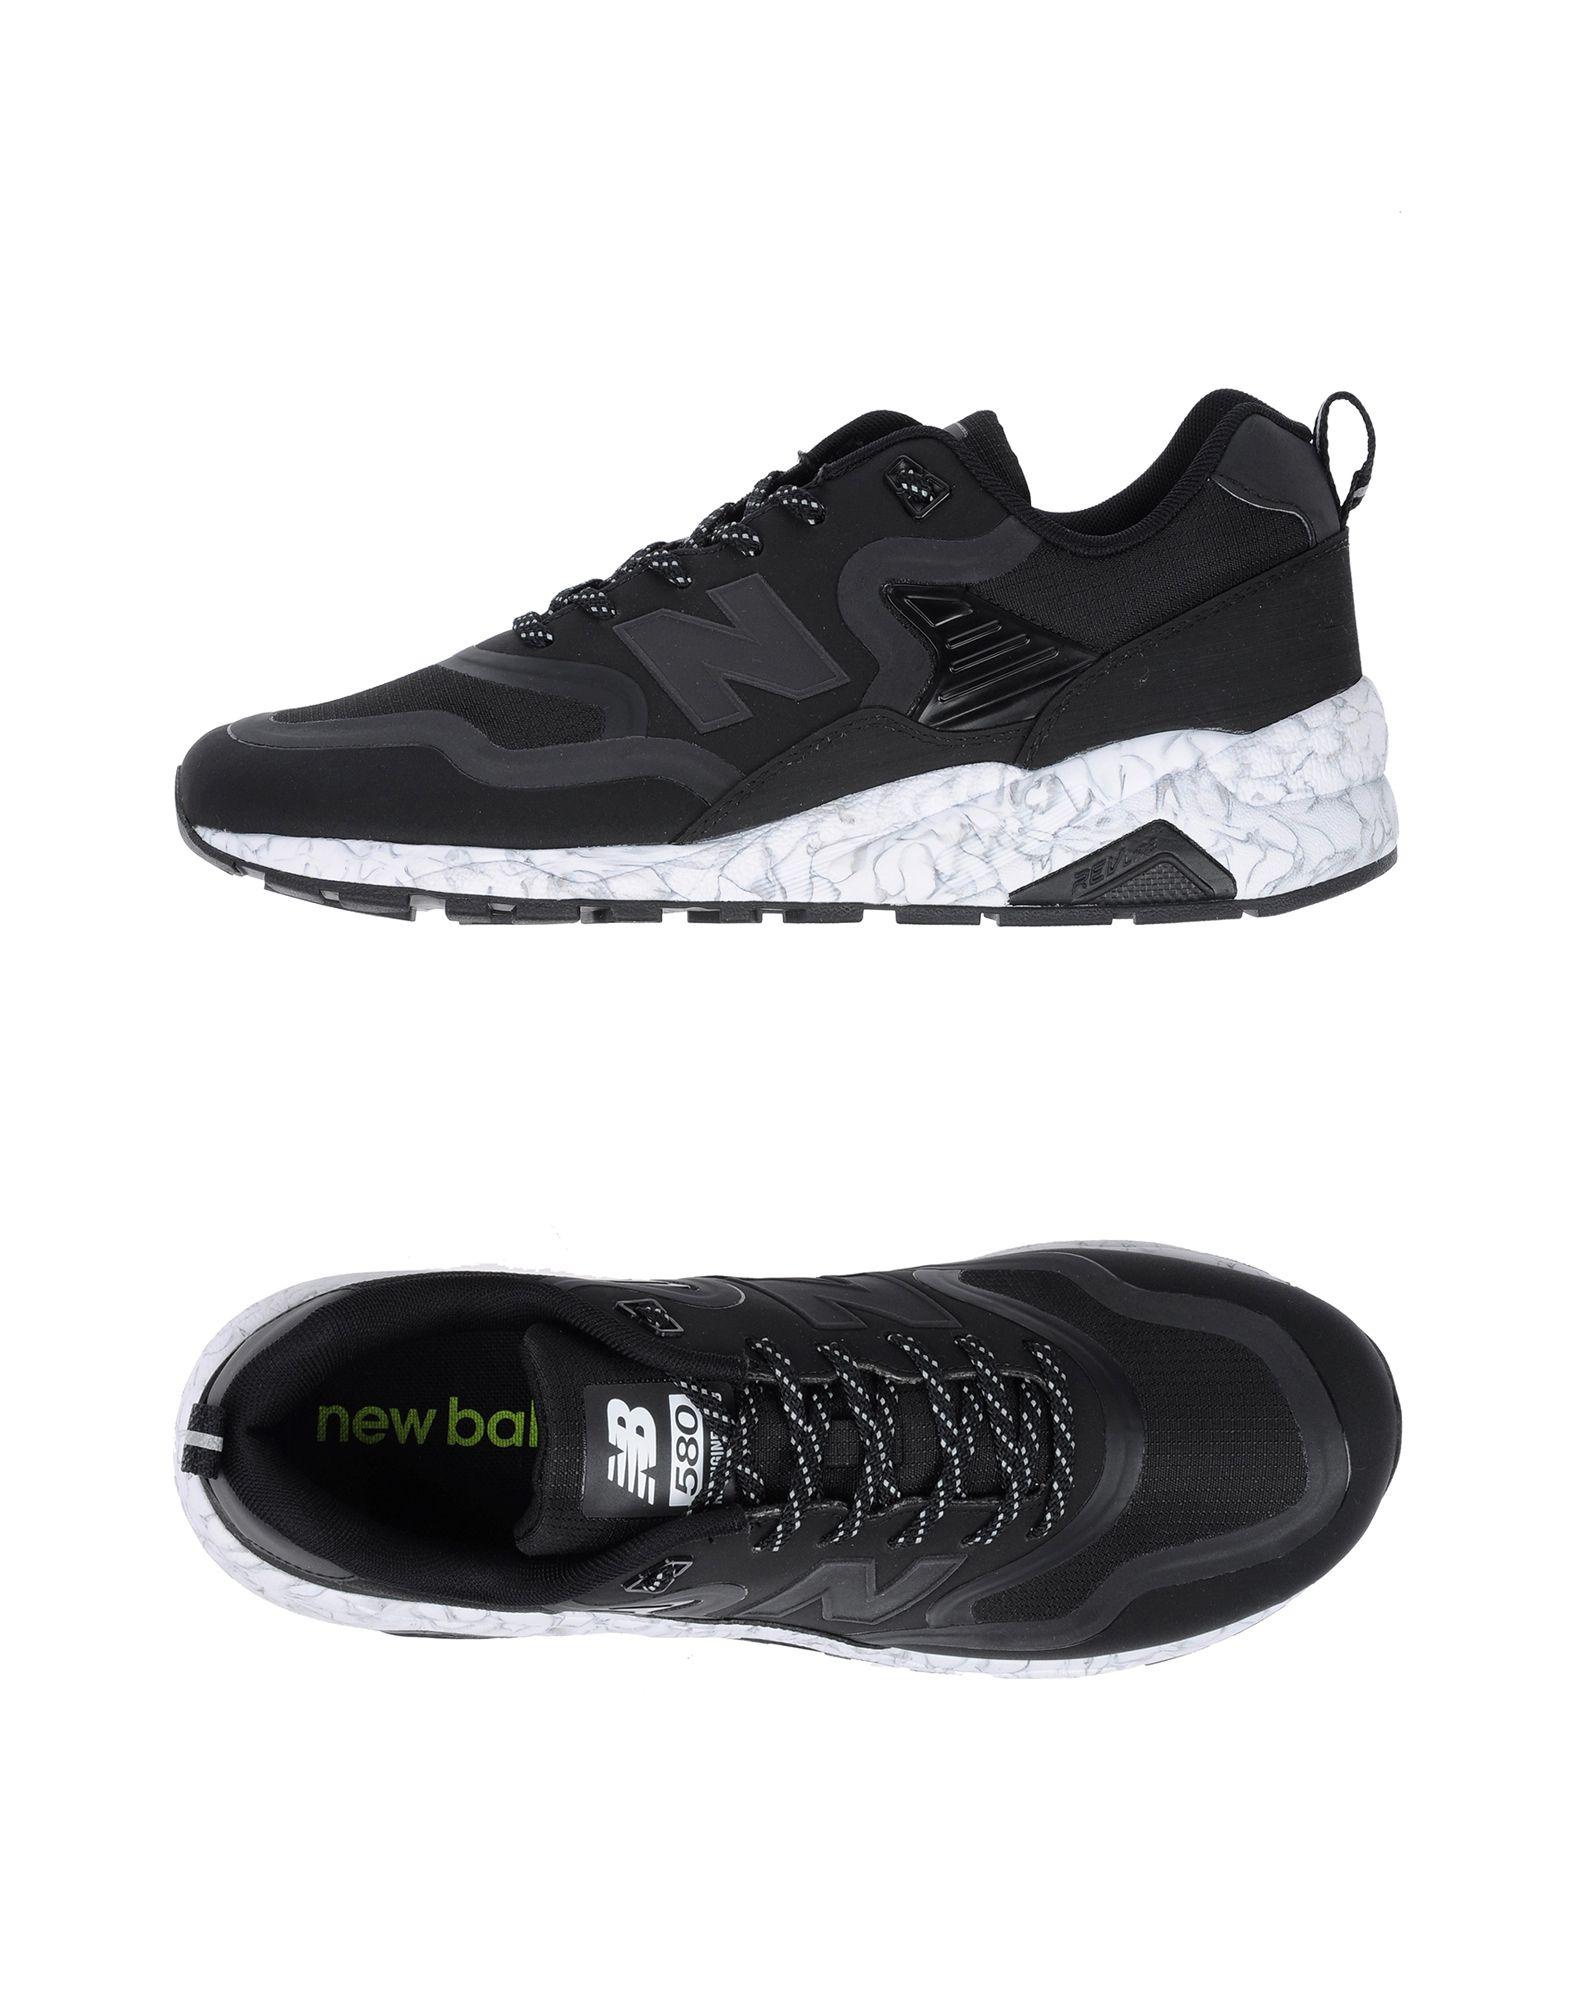 New Balance Balance New Sneakers Herren  11138821NT Neue Schuhe 1c6c70